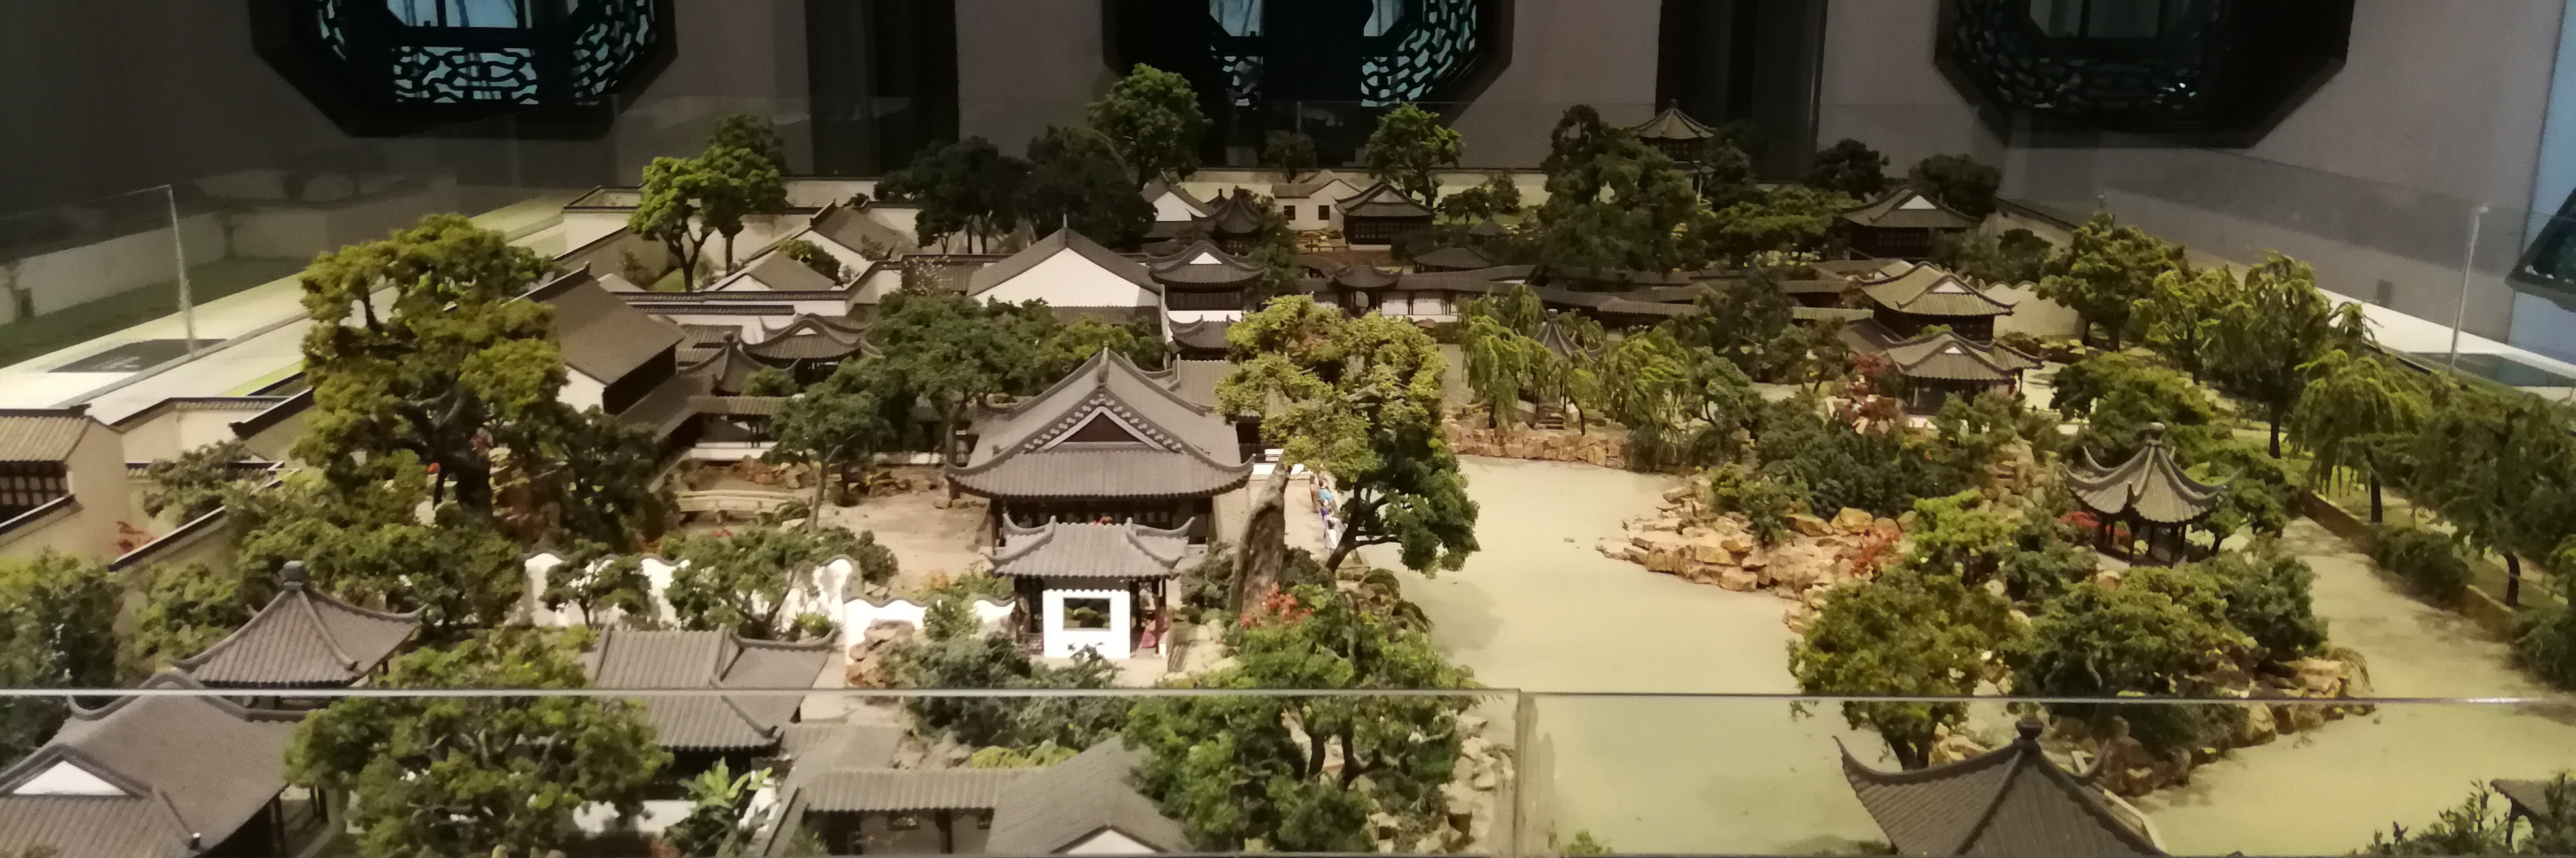 【热搜冲顶】丰富的造园手法,让你领略江南园林相似中的大不同